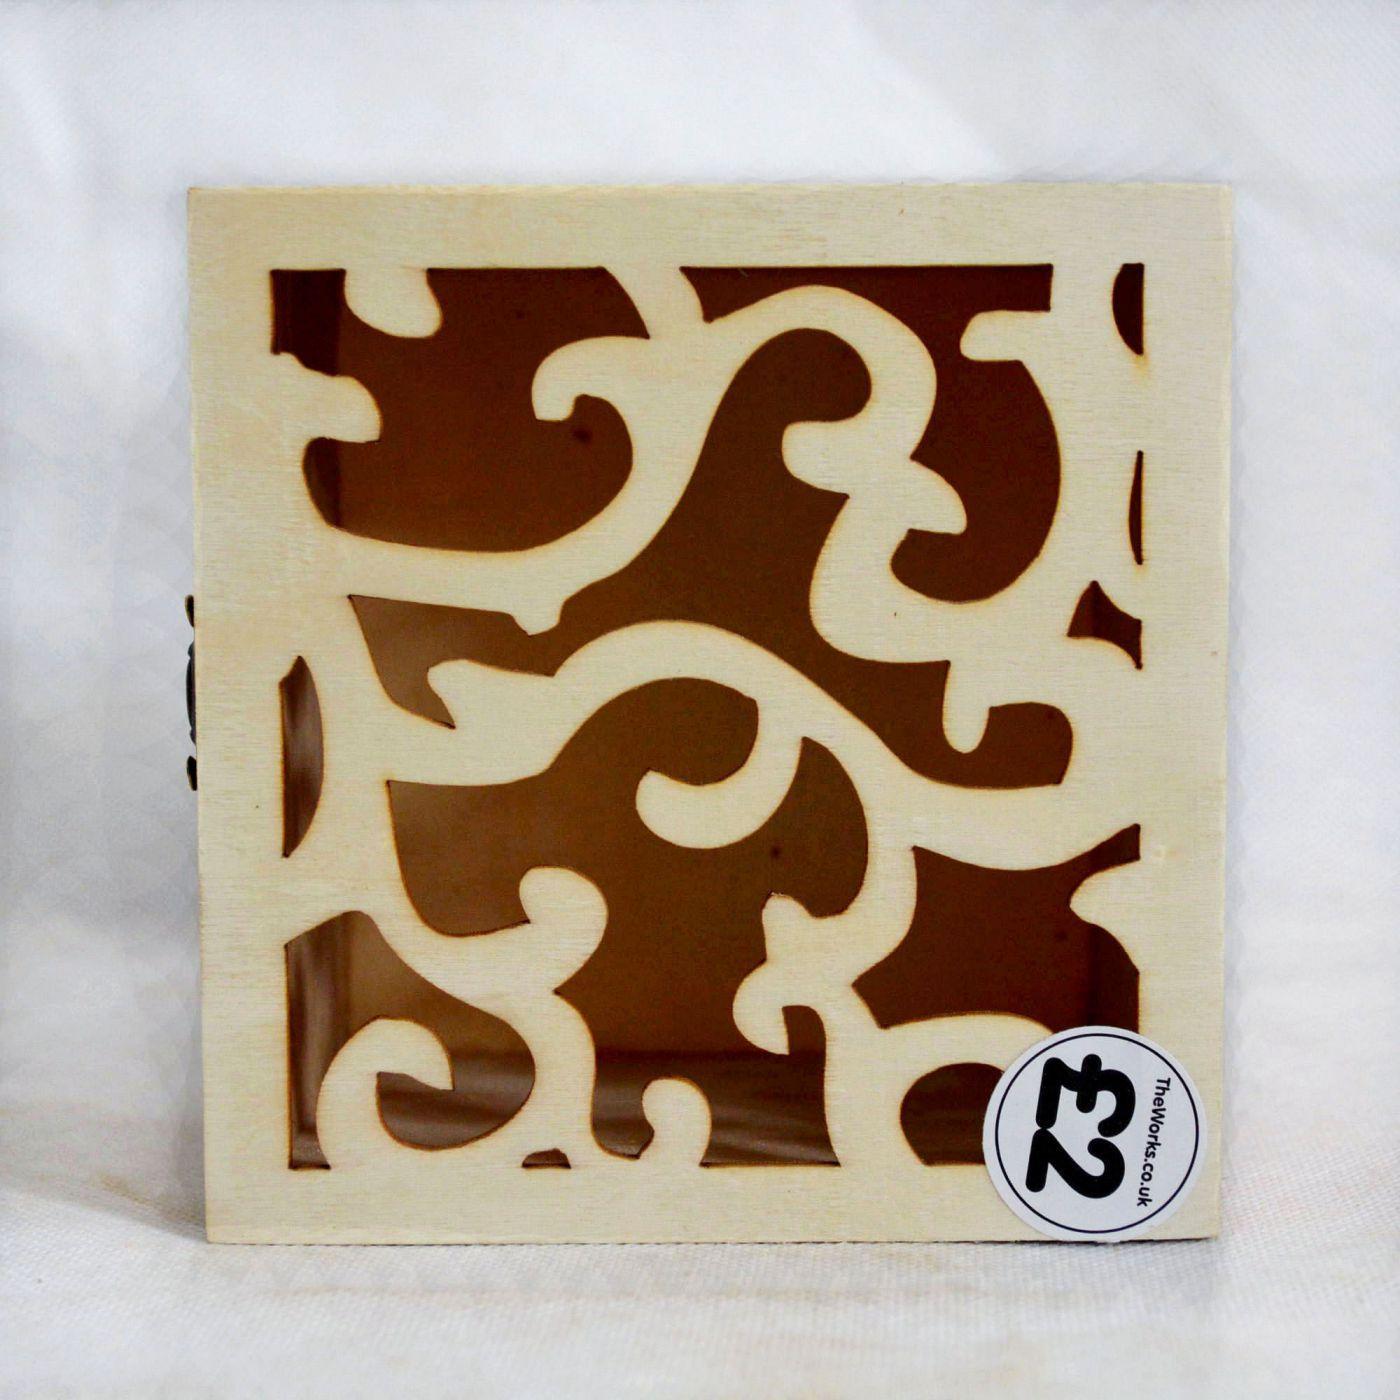 创意木制镂空收纳木盒首饰饰品包装礼品盒定做小木盒产业带厂家